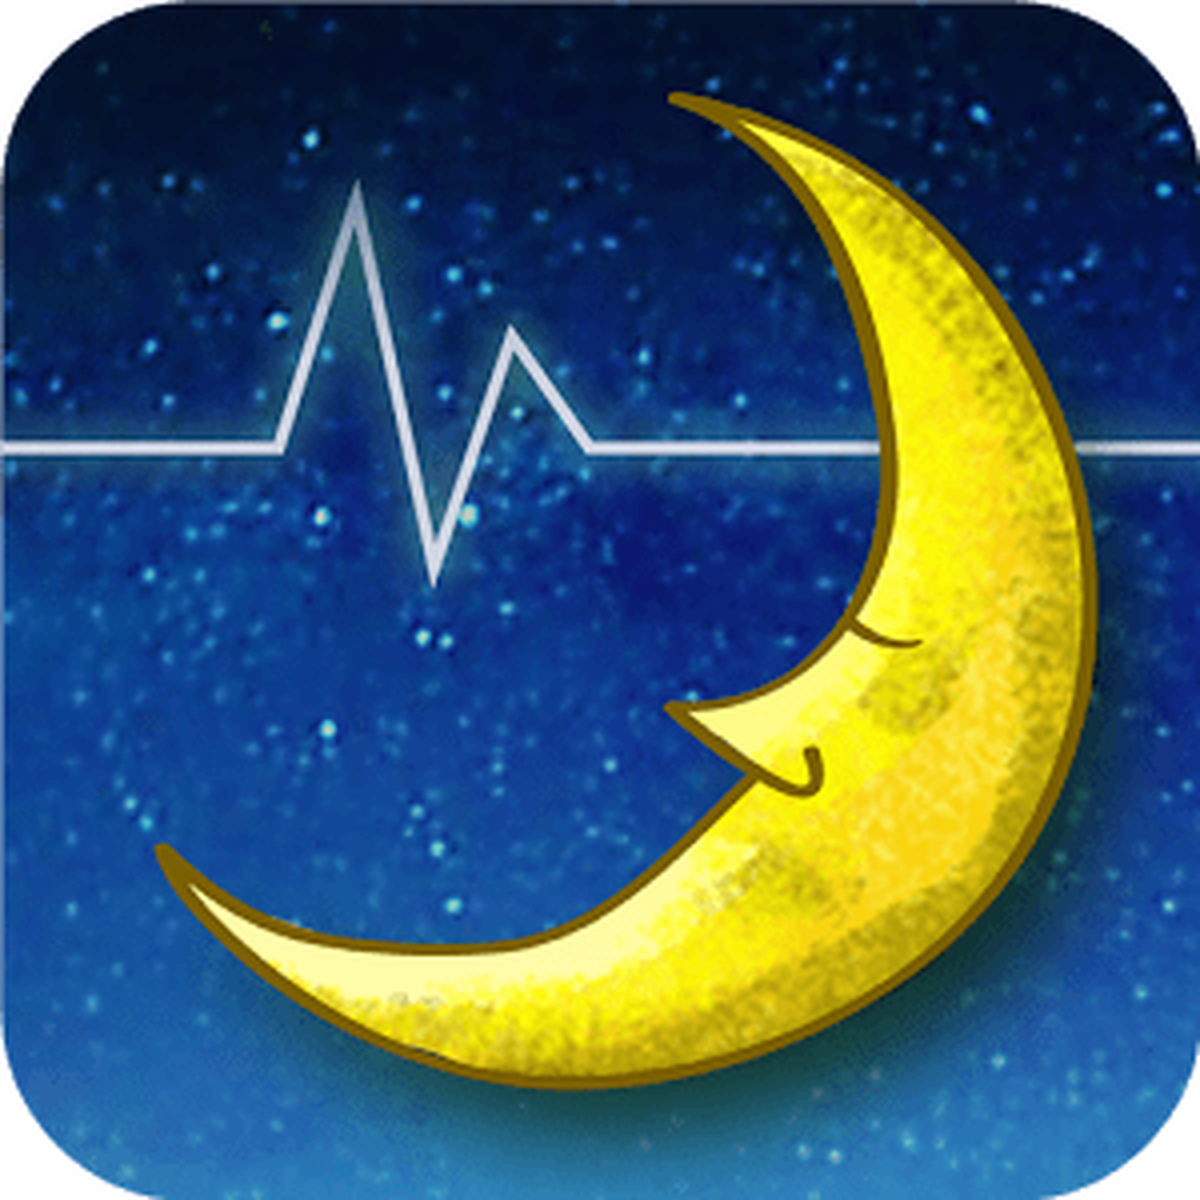 睡眠アプリ ~ ドリミン ~